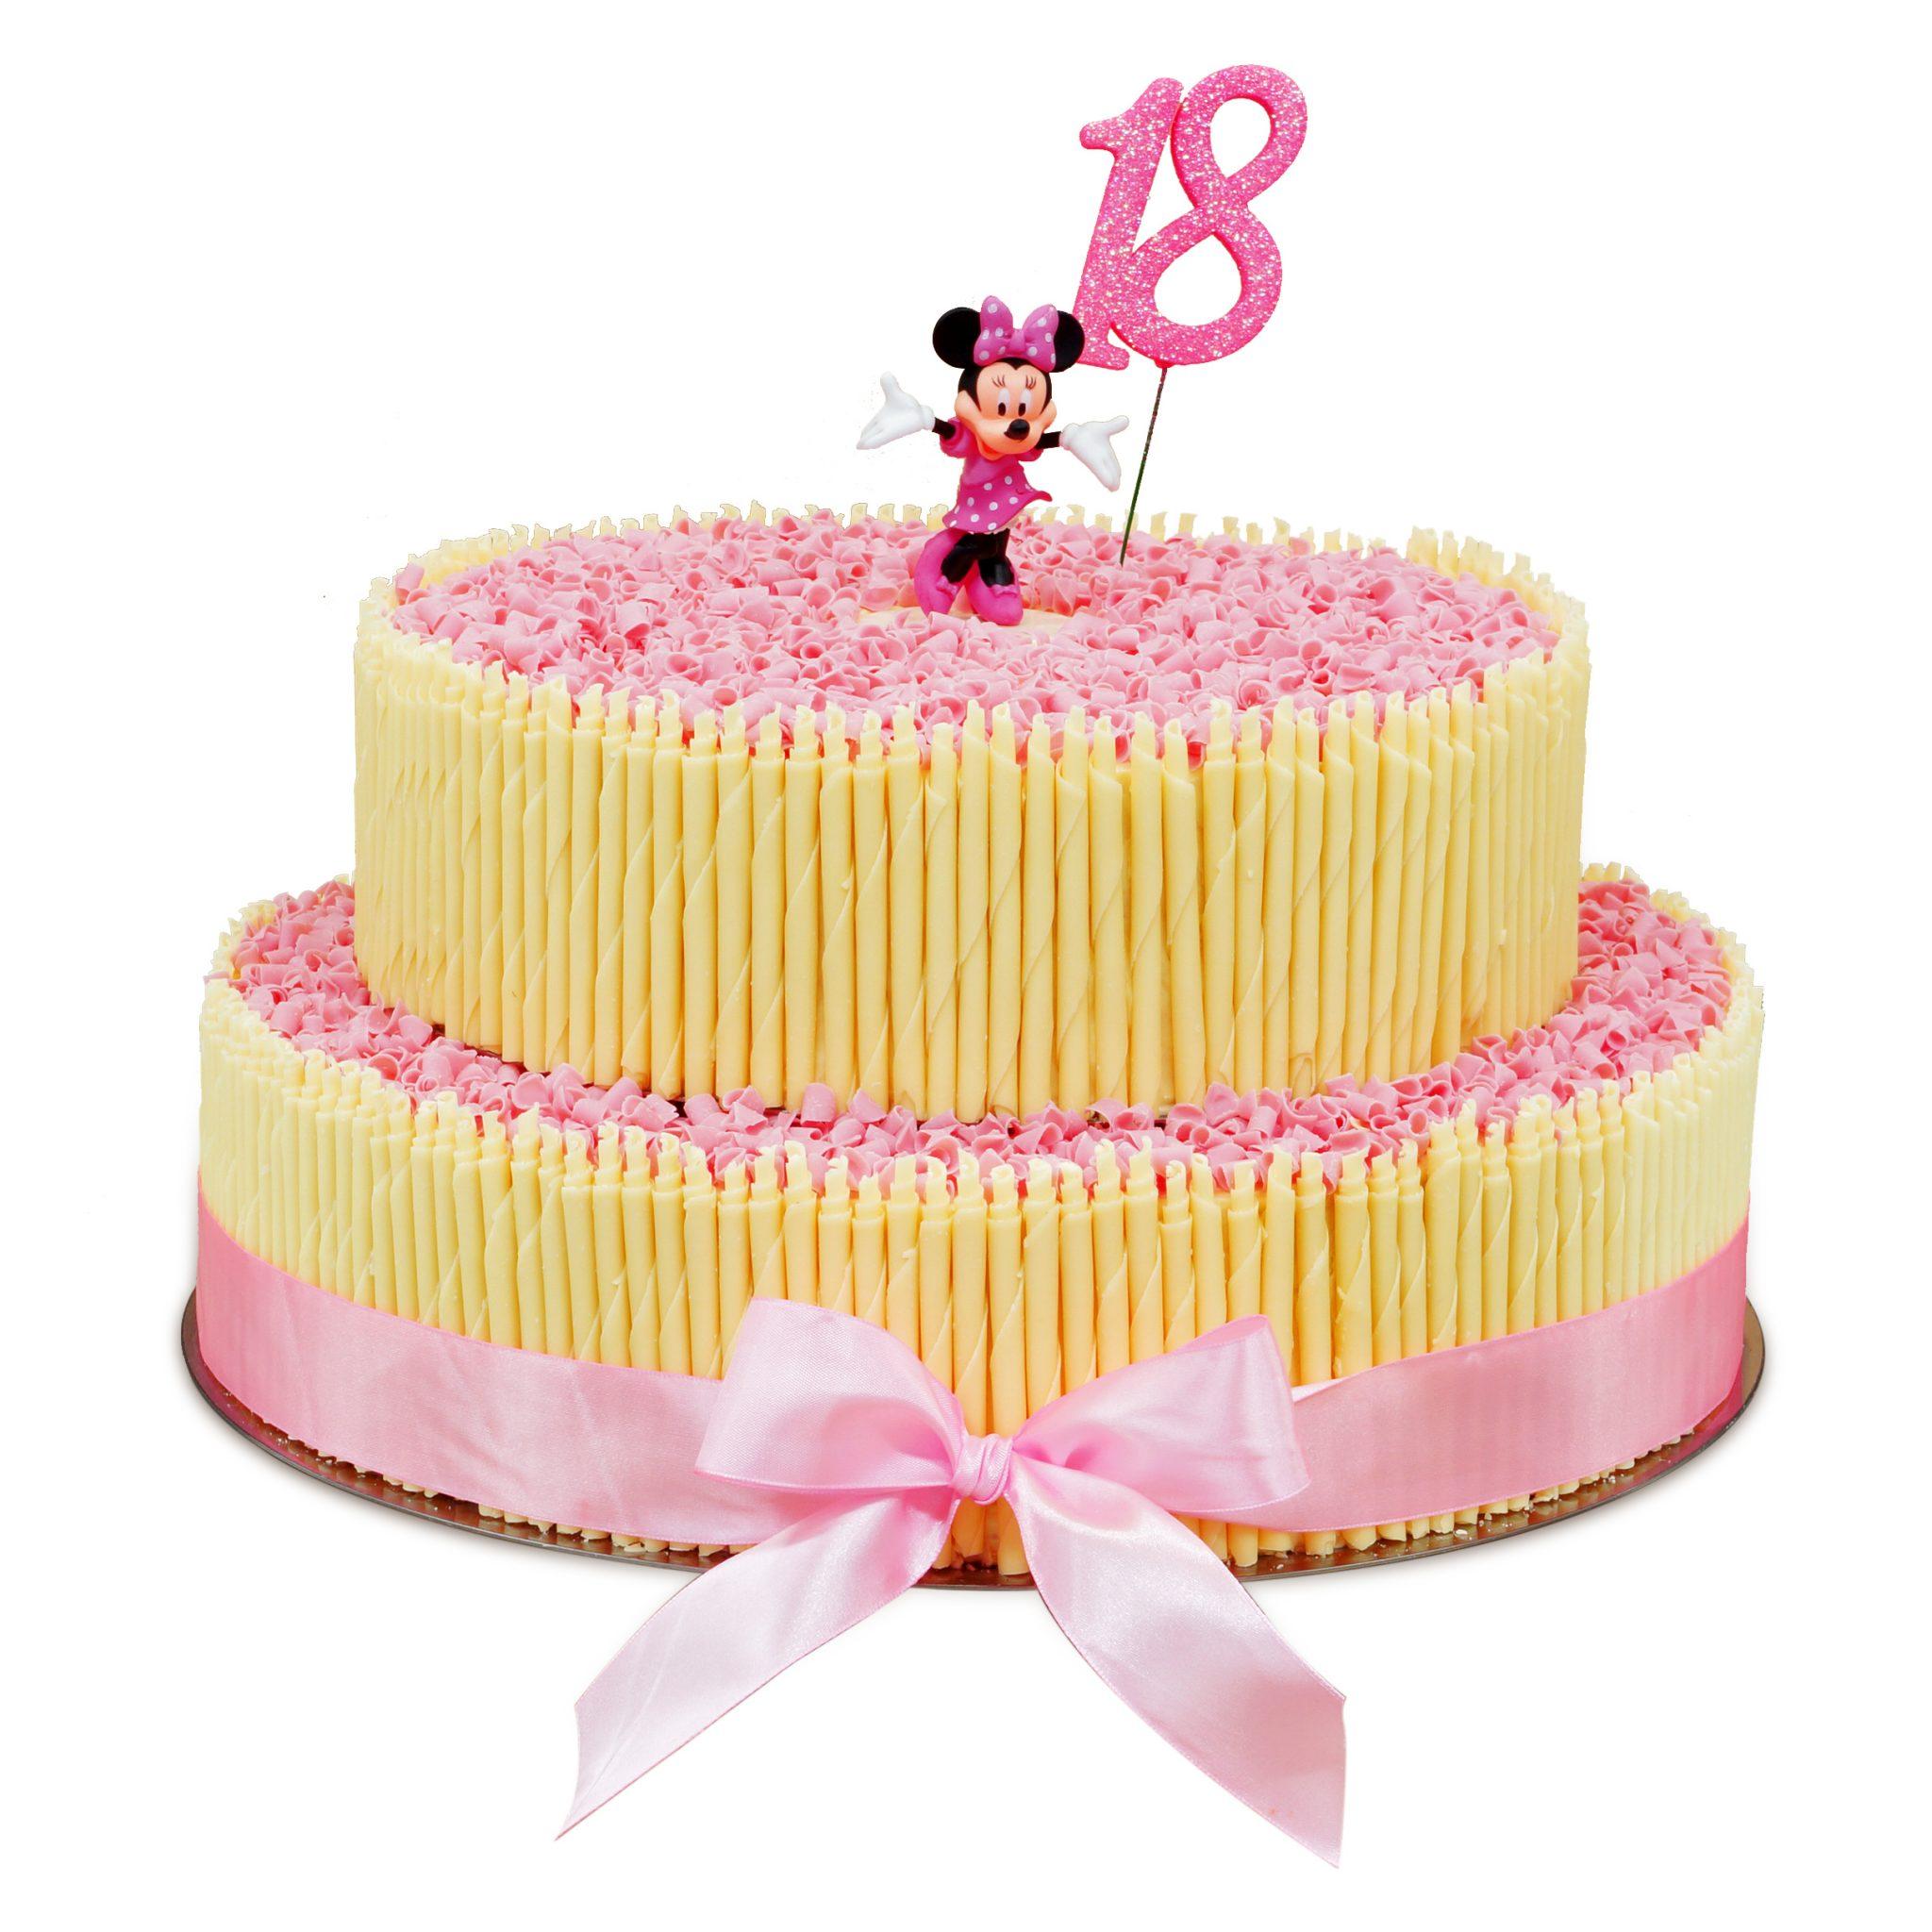 tort na osiemnastkę 18 z Myszką Minnie cukiernia ostrów wielkopolski